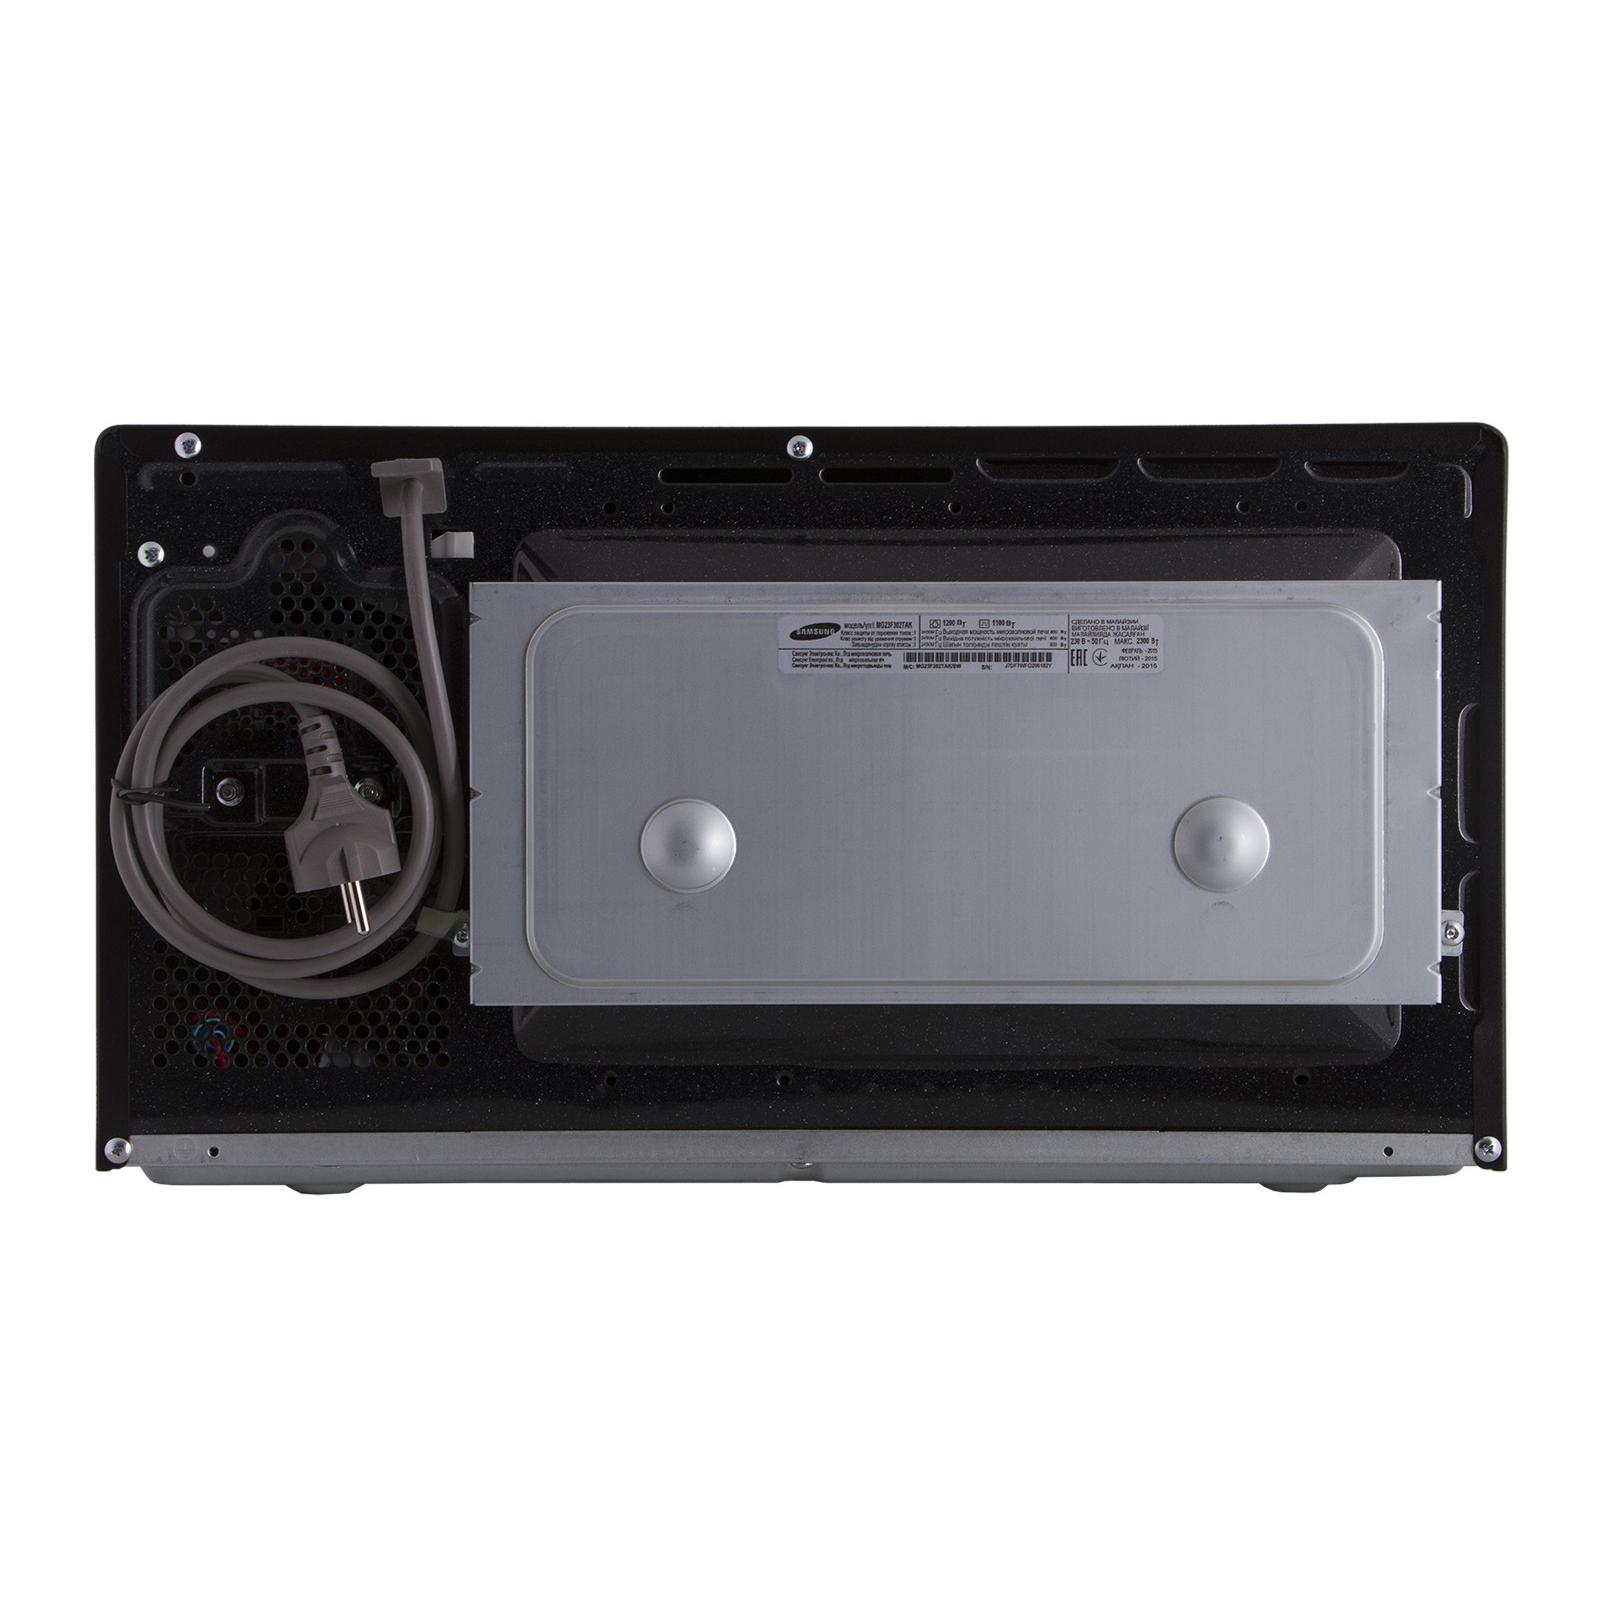 Микроволновая печь Samsung MG23F302TAK/BW изображение 4